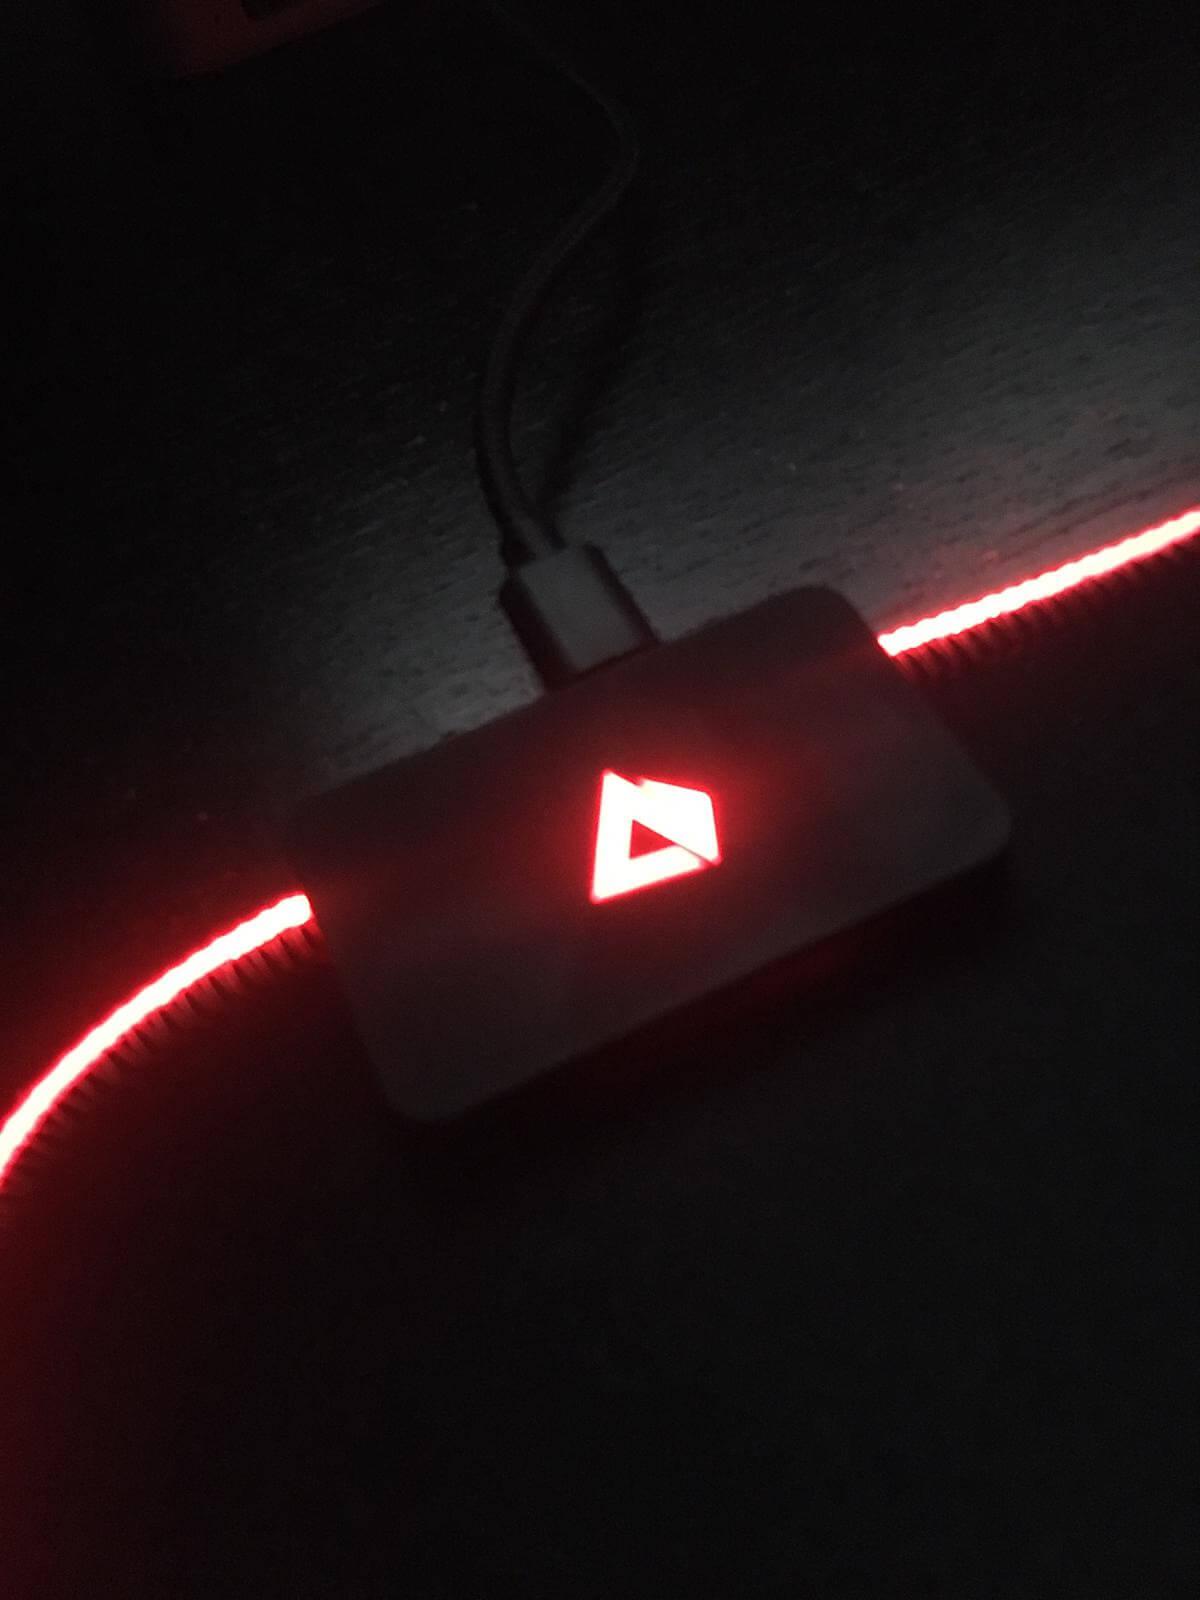 Recensione: AUKEY KM-P6 il mouse pad RGB 2